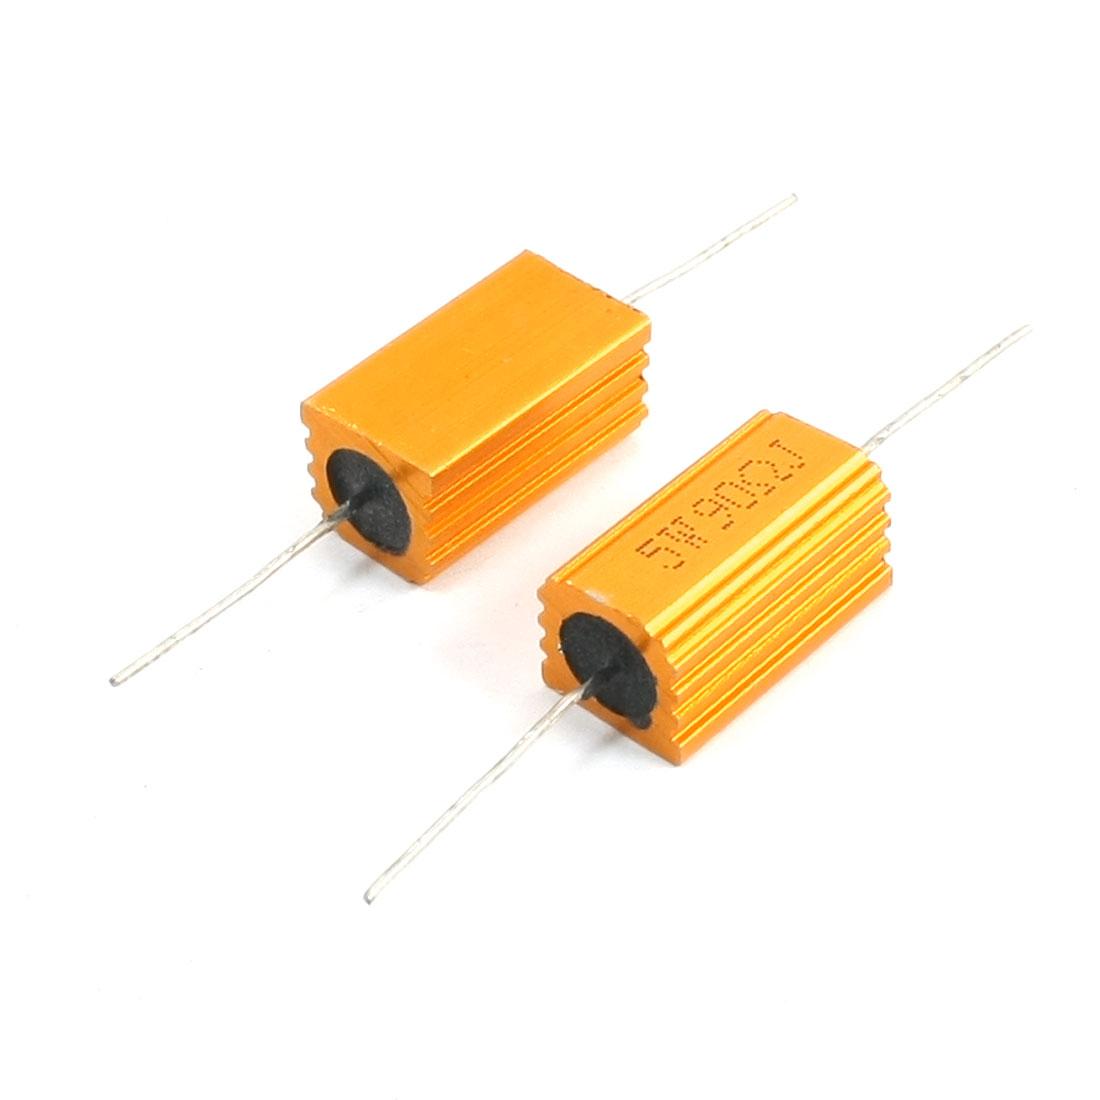 5W 90 Ohm Axial Heatsink Aluminum Clad Resistor Gold Tone 2Pcs